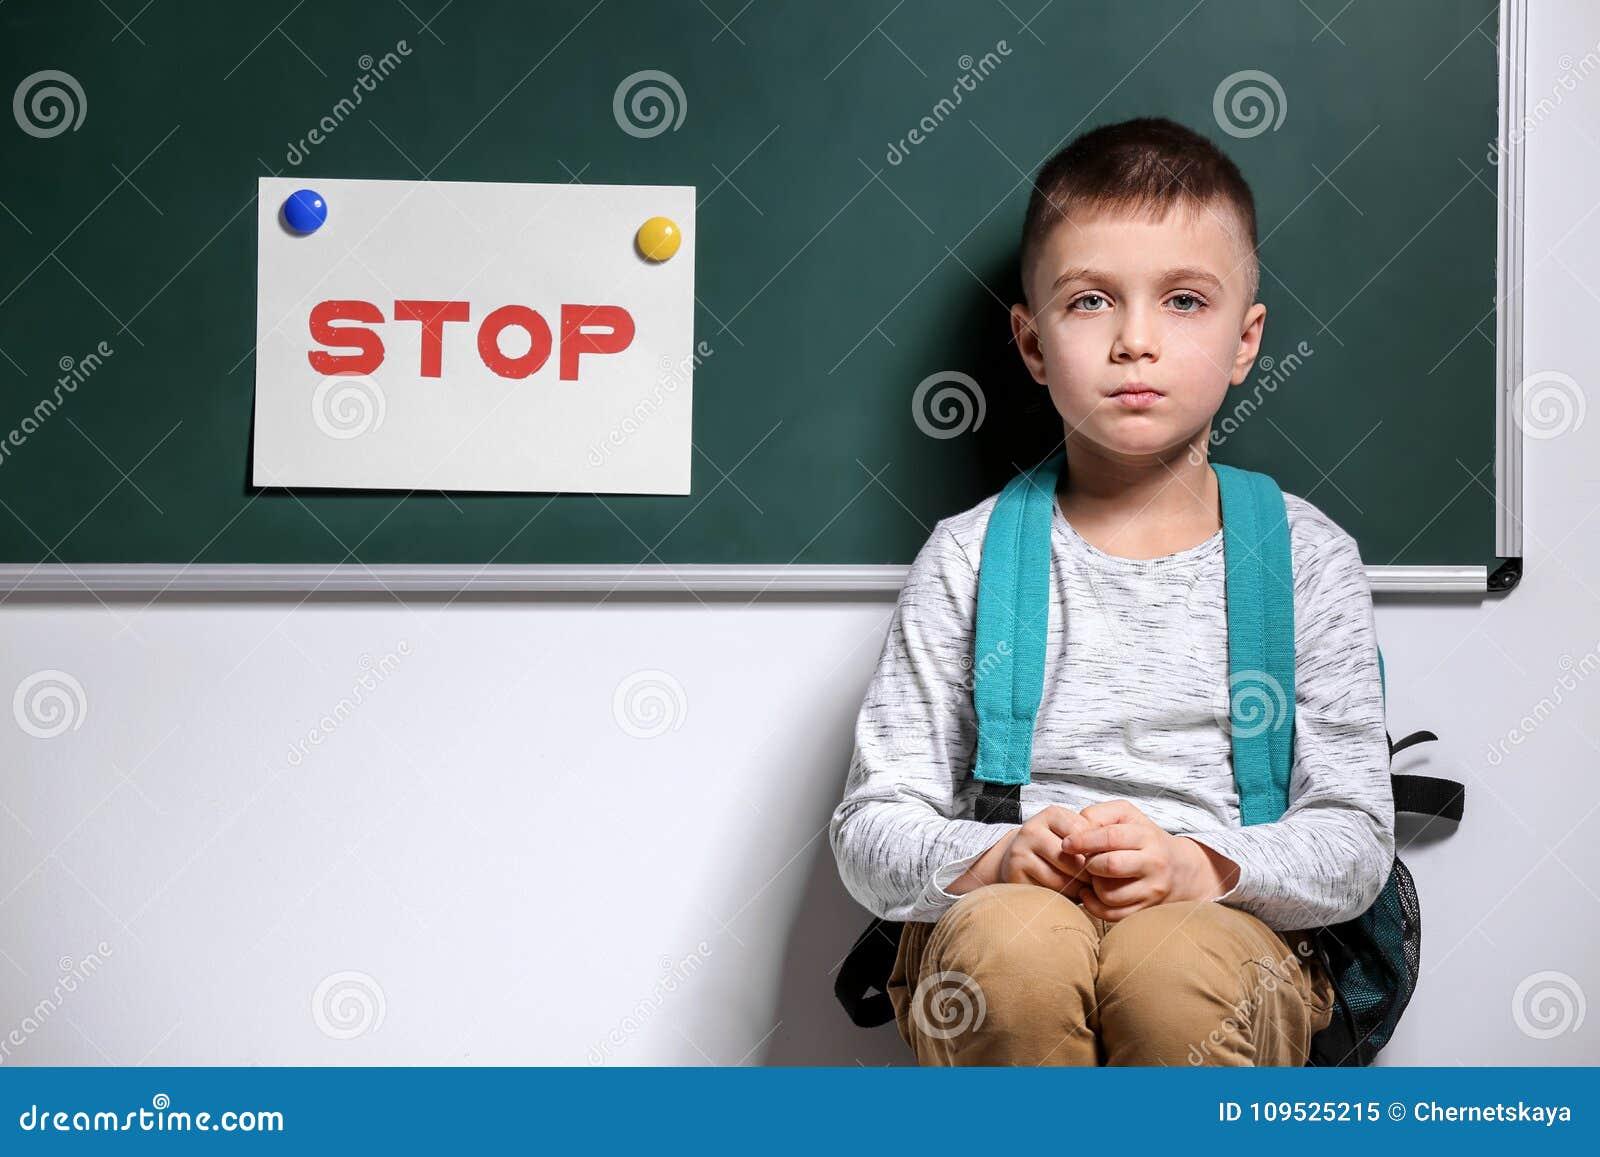 Μικρό παιδί που φοβερίζεται στο σχολείο κοντά στον πίνακα κιμωλίας